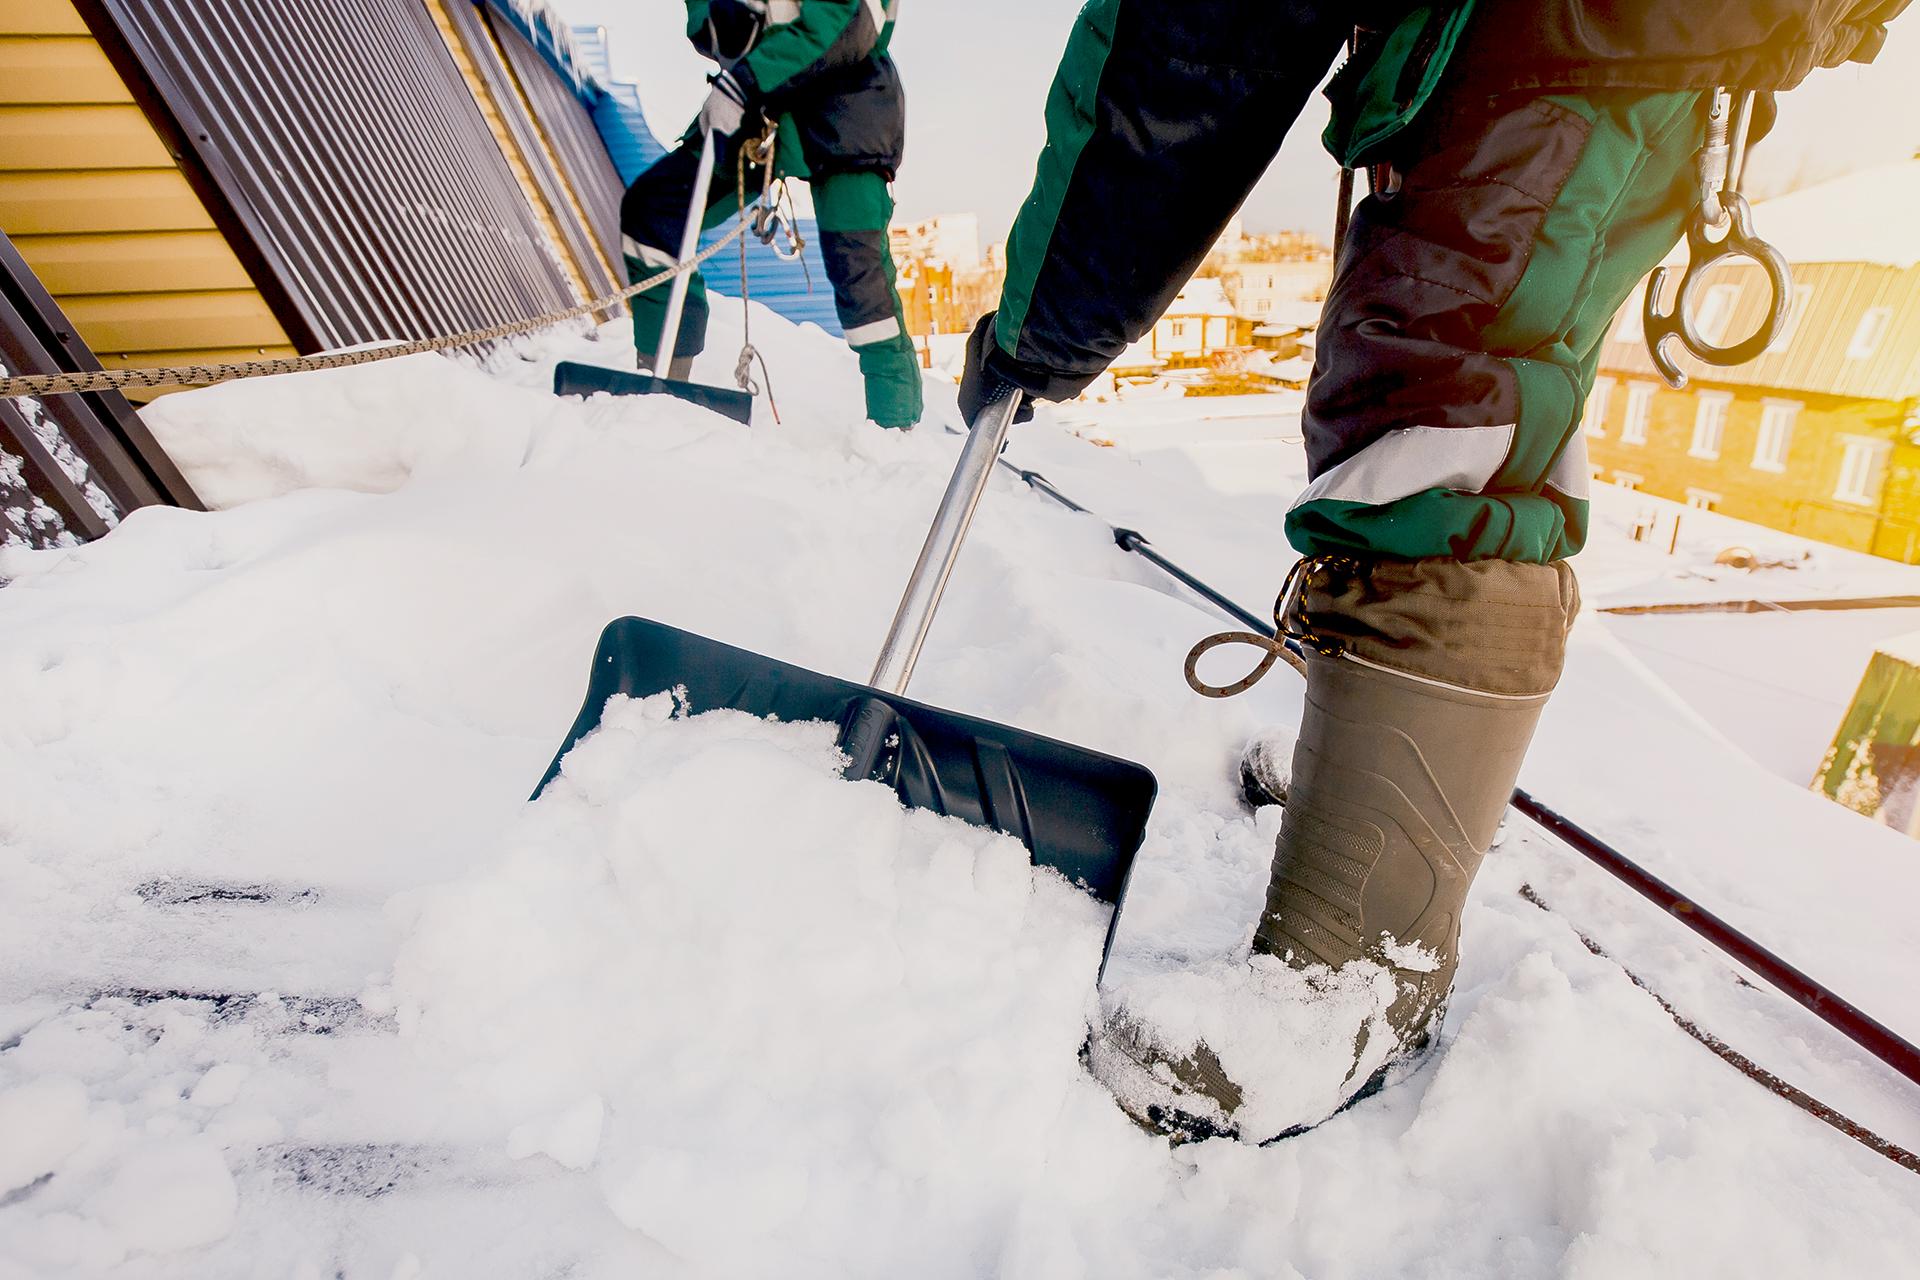 Kiinteistönhuoltaja pudottaa lunta katoilta.